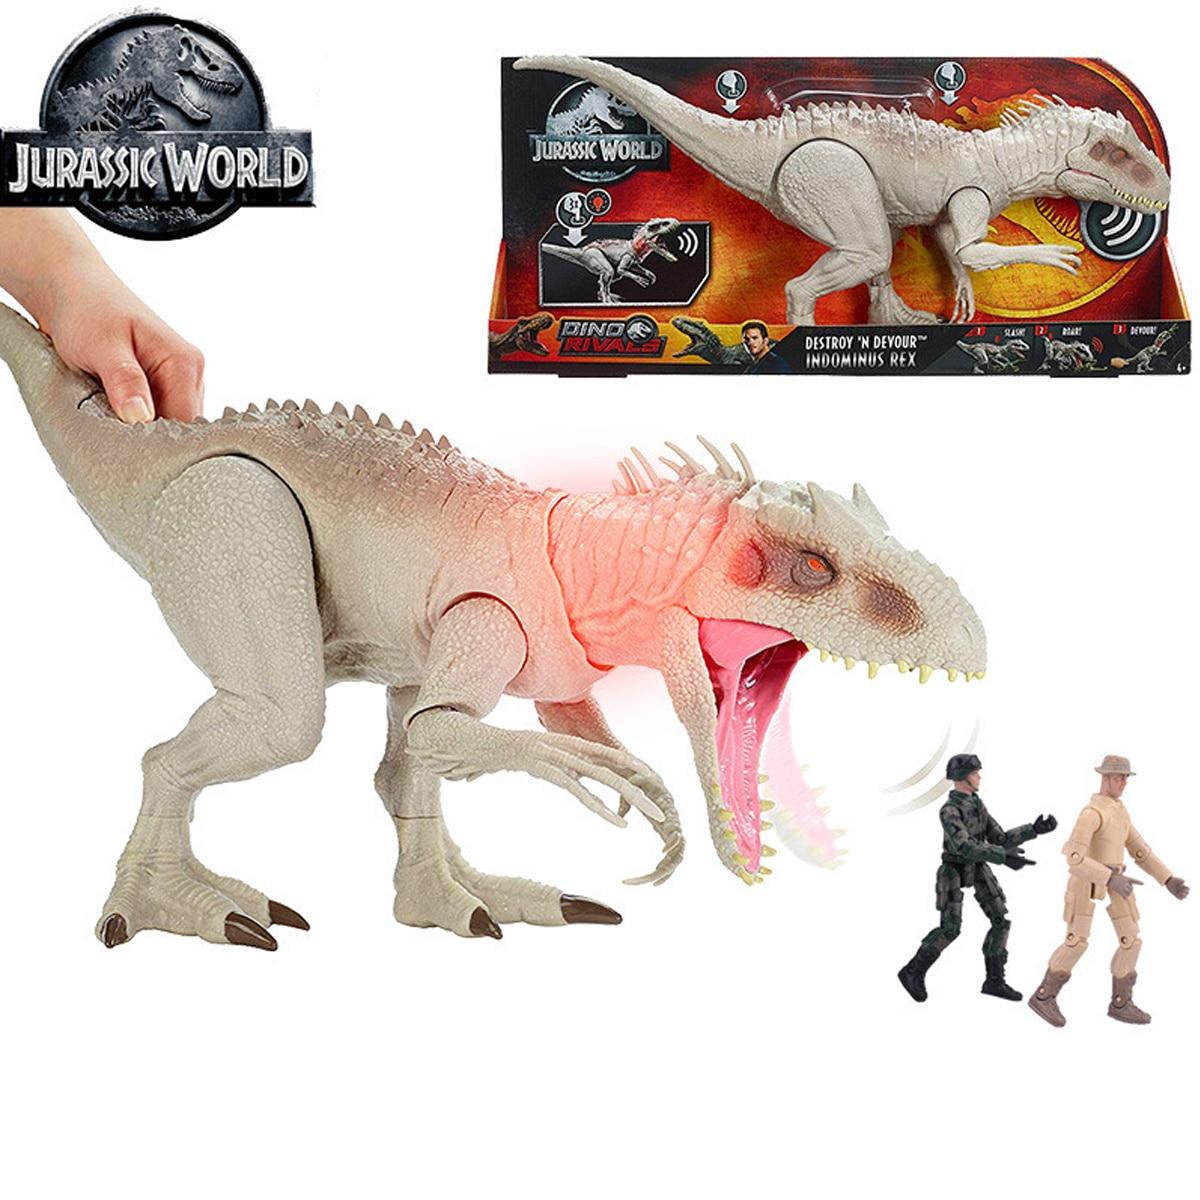 Świat jurajski Tyrannosaurus Rex dinozaury zabawki Indominus z Chomping usta światła i dźwięki dla dzieci zabawki prezent GCT95